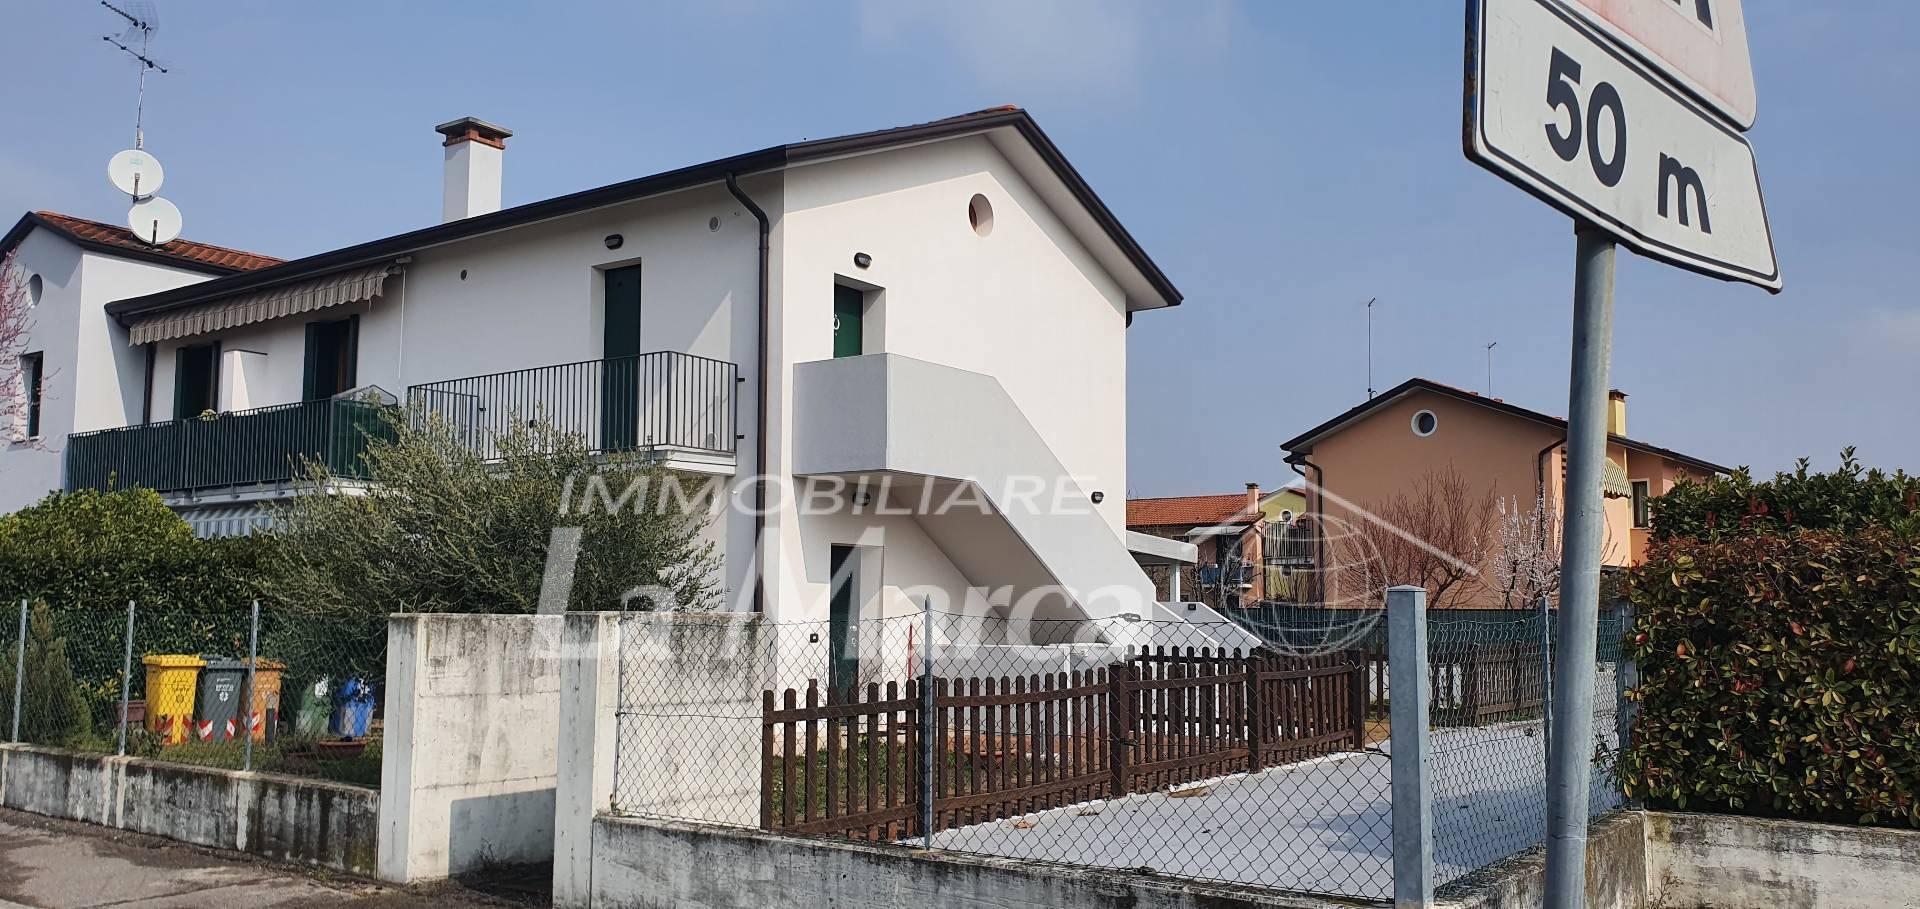 Appartamento in affitto a Villorba, 2 locali, zona Zona: Villorba, prezzo € 580 | CambioCasa.it